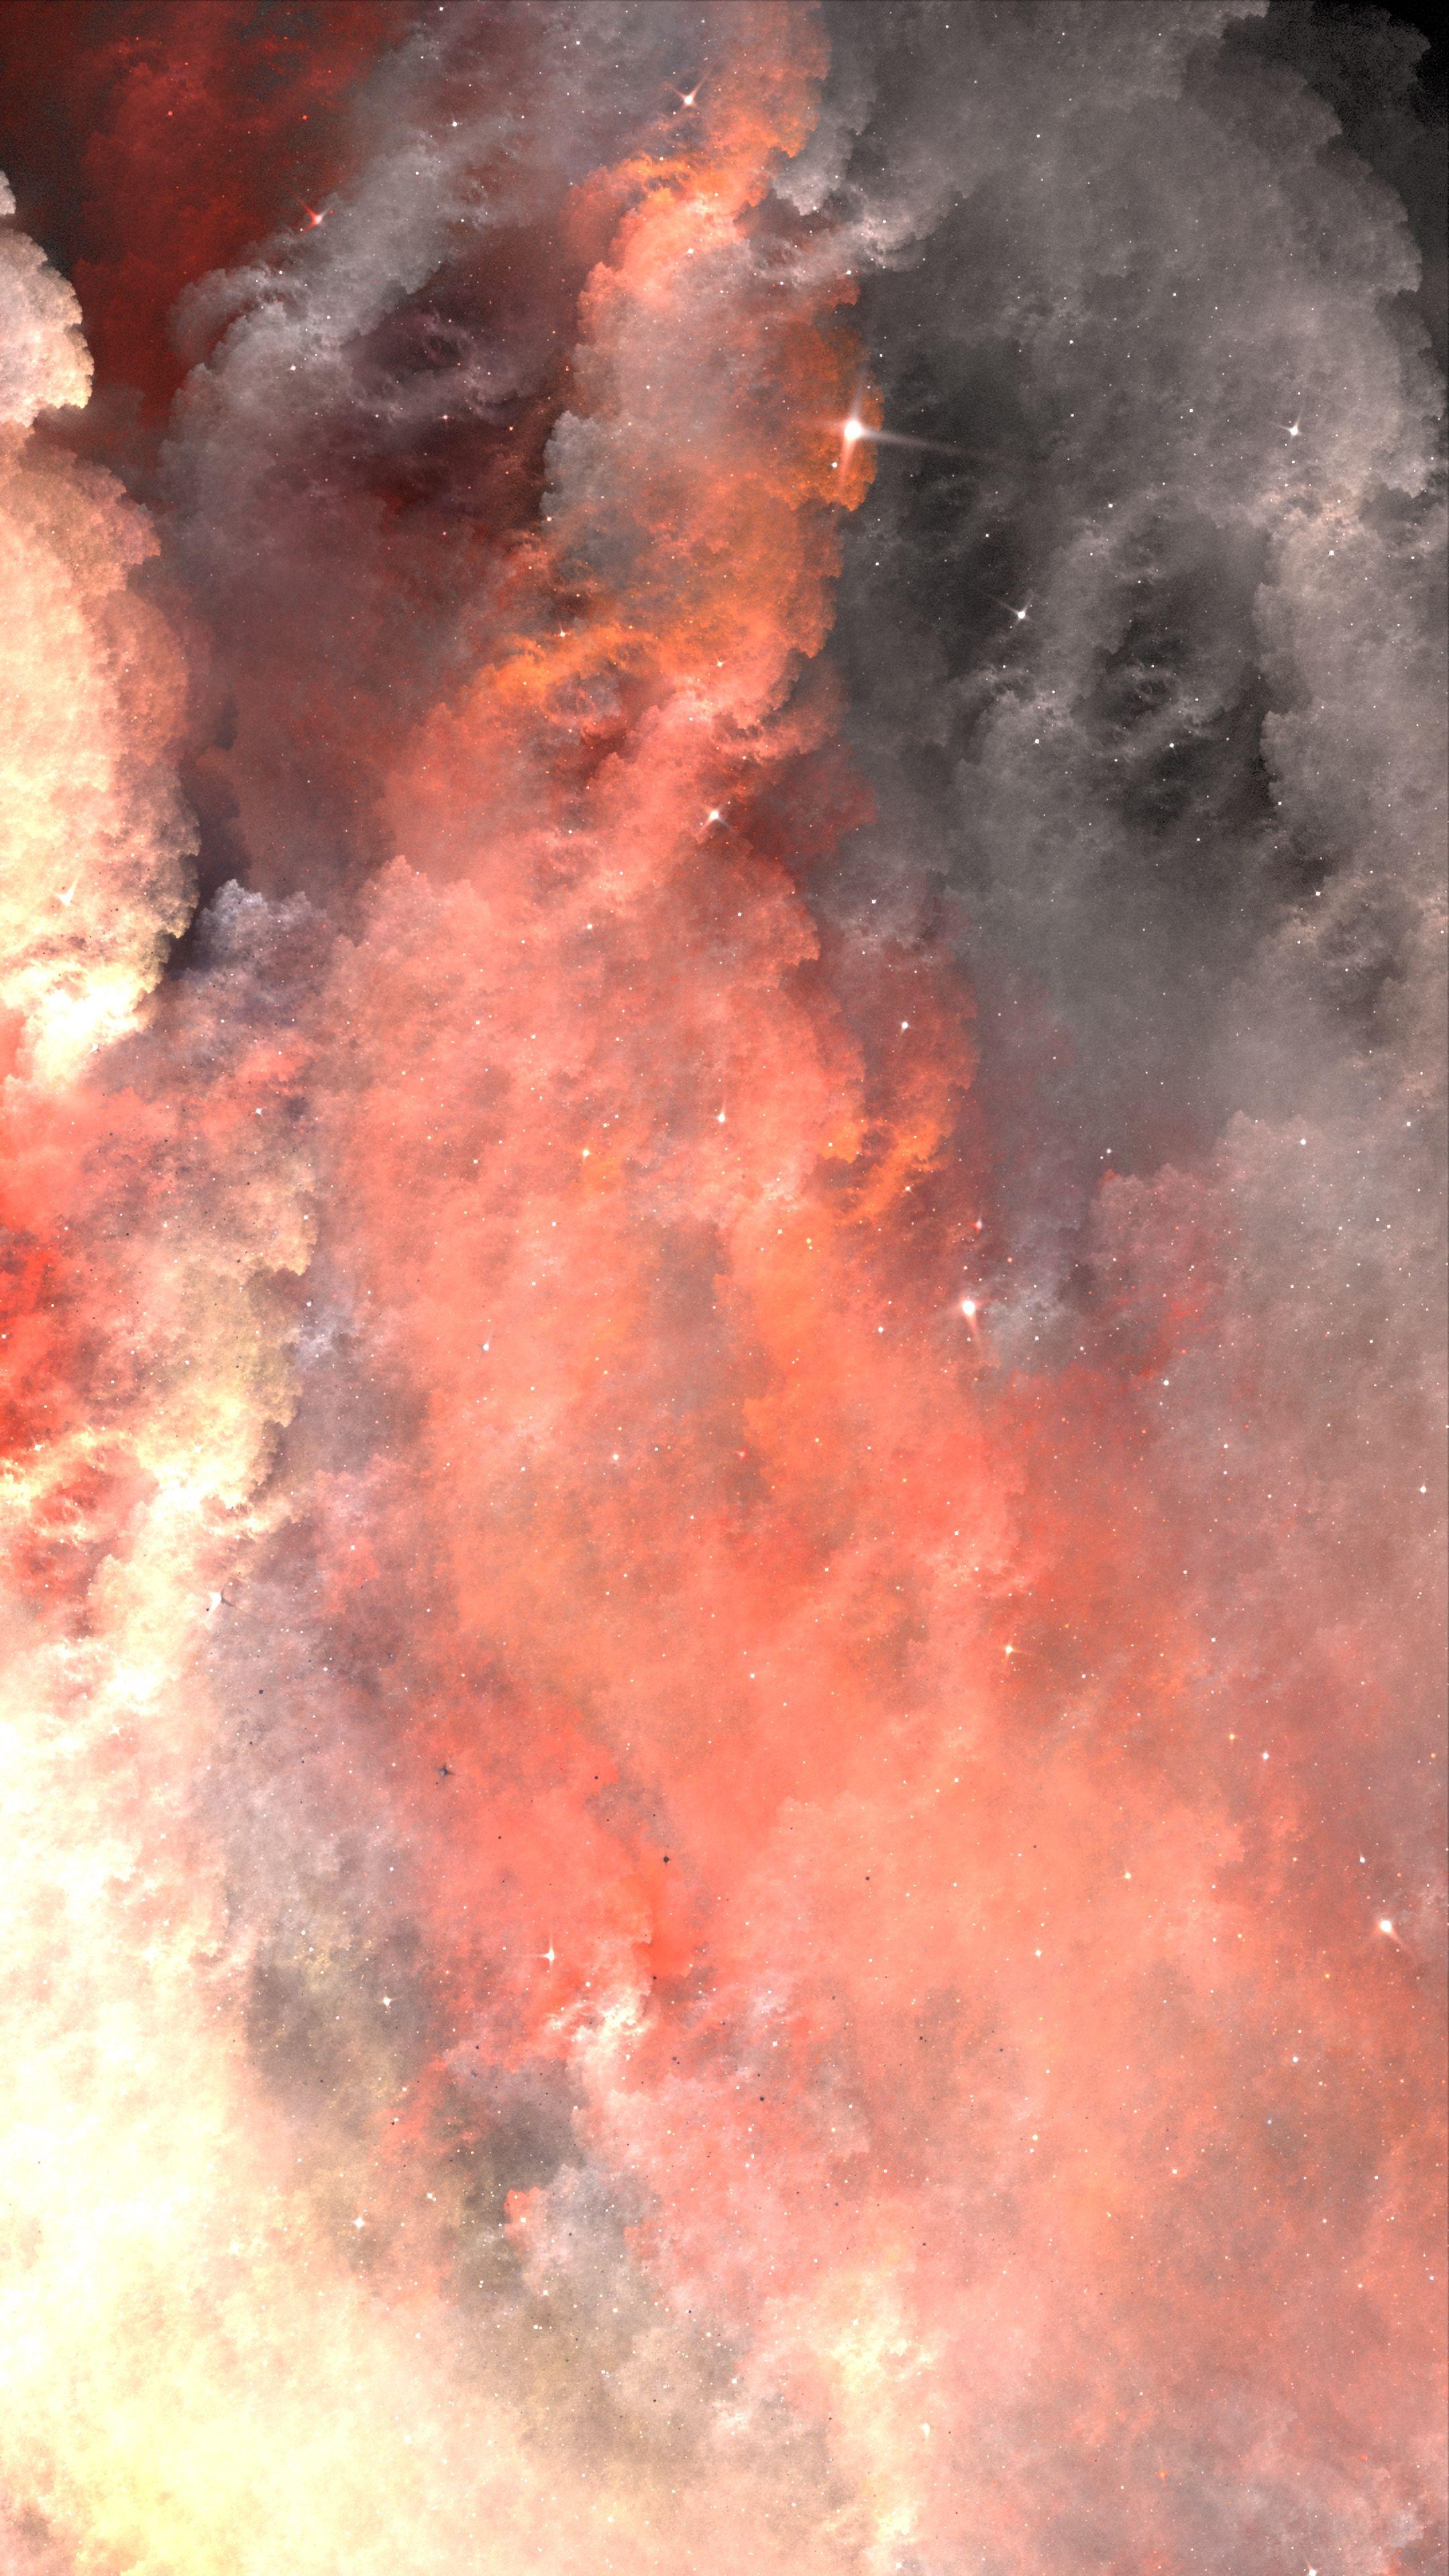 121330 免費下載壁紙 抽象, 云, 云端, 星云, 火花, 闪耀, 闪光 屏保和圖片